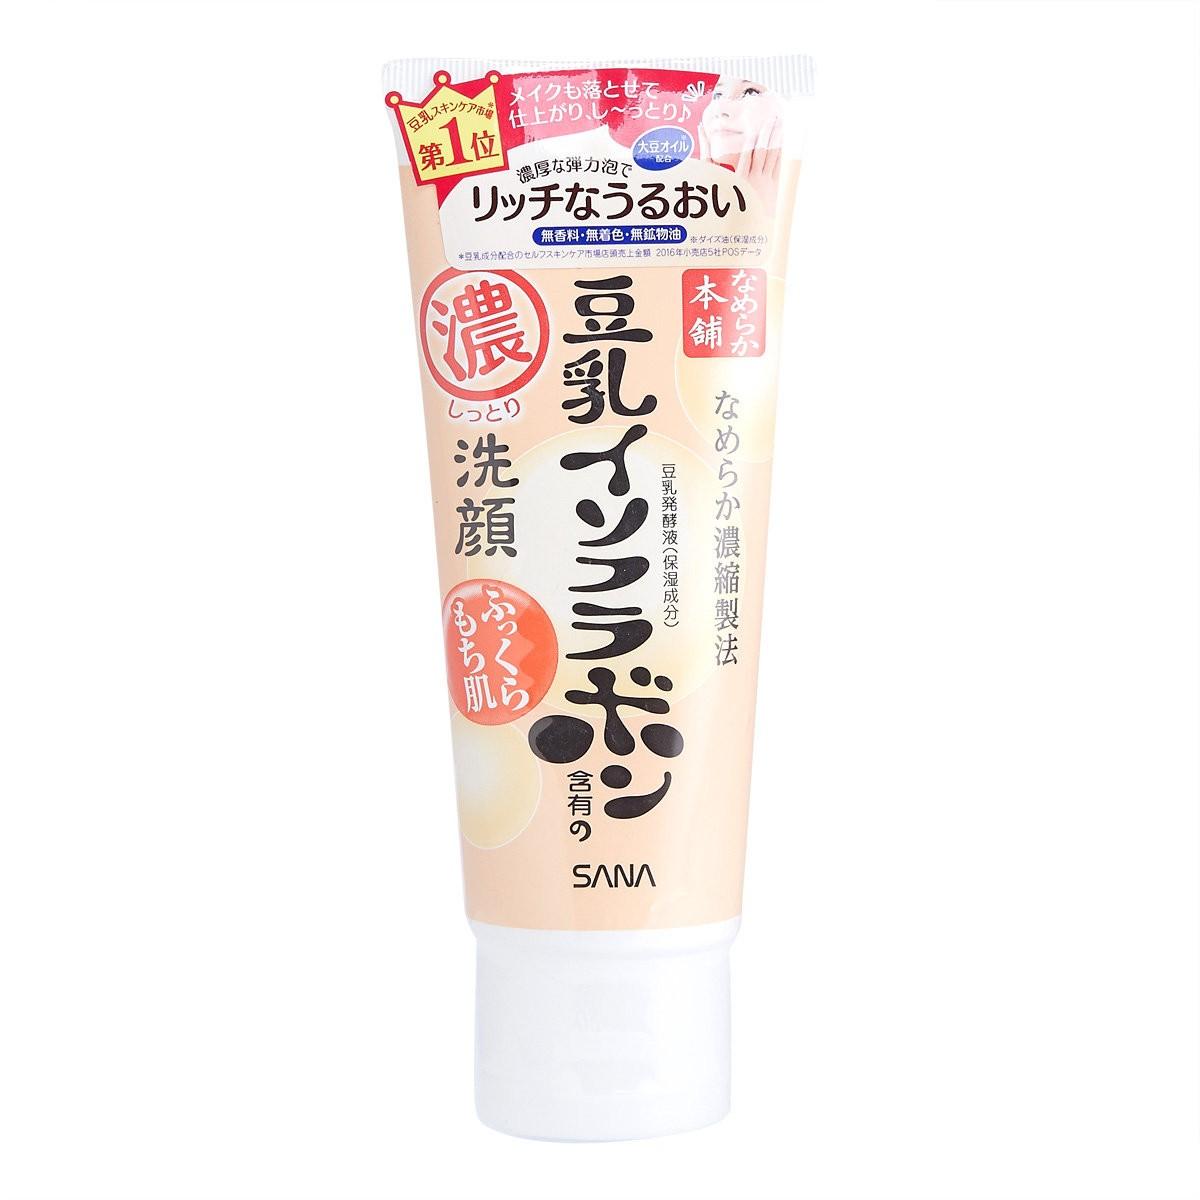 SANA - Soy Milk Rich Cleansing Wash